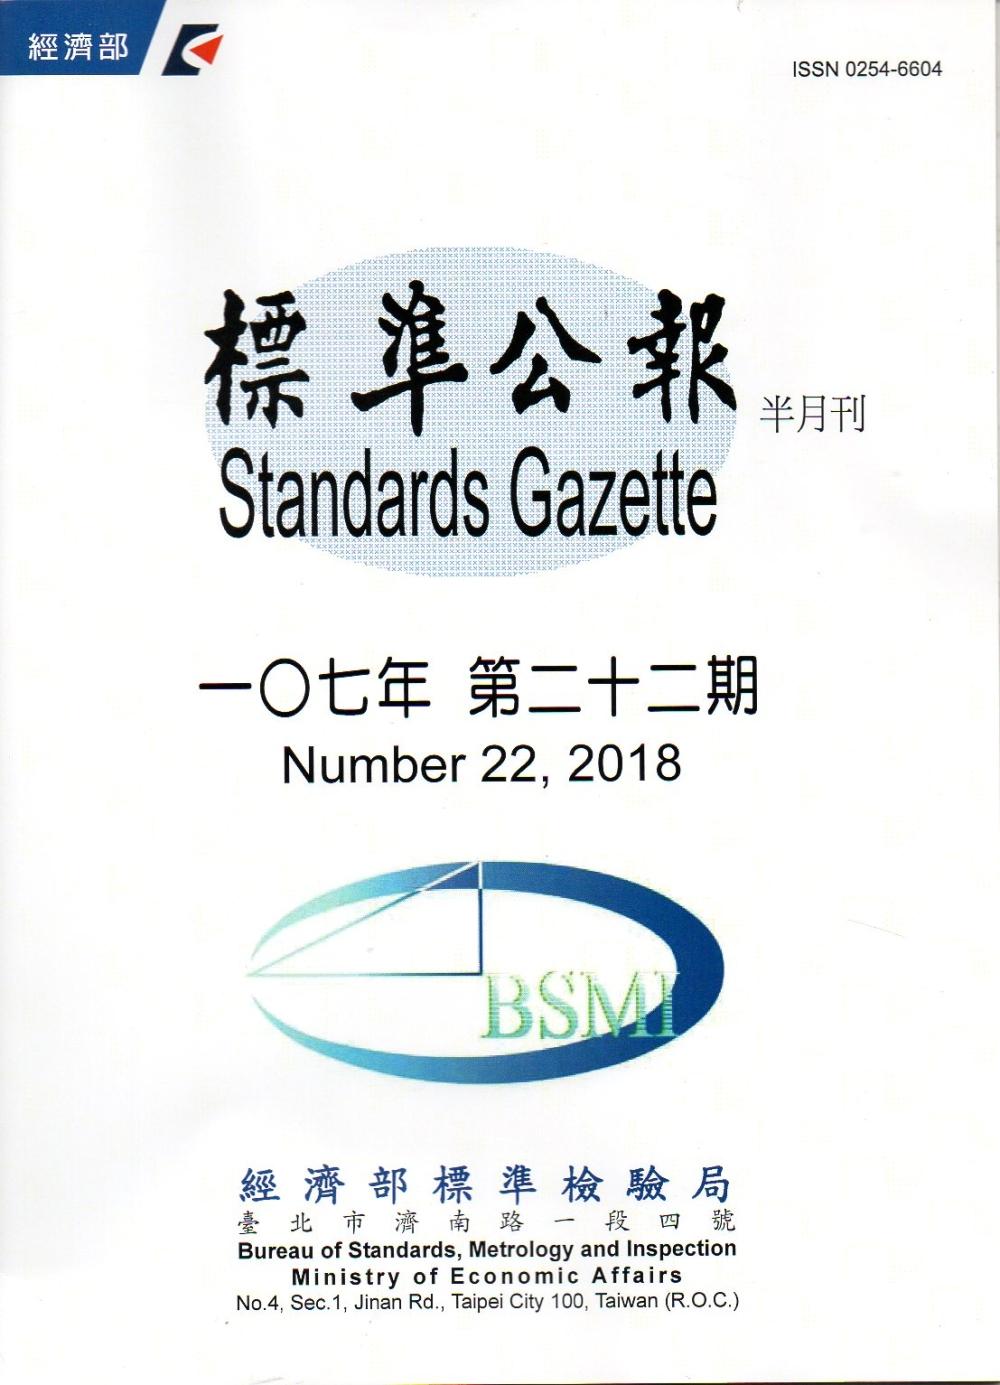 標準公報半月刊107年 第二十二期